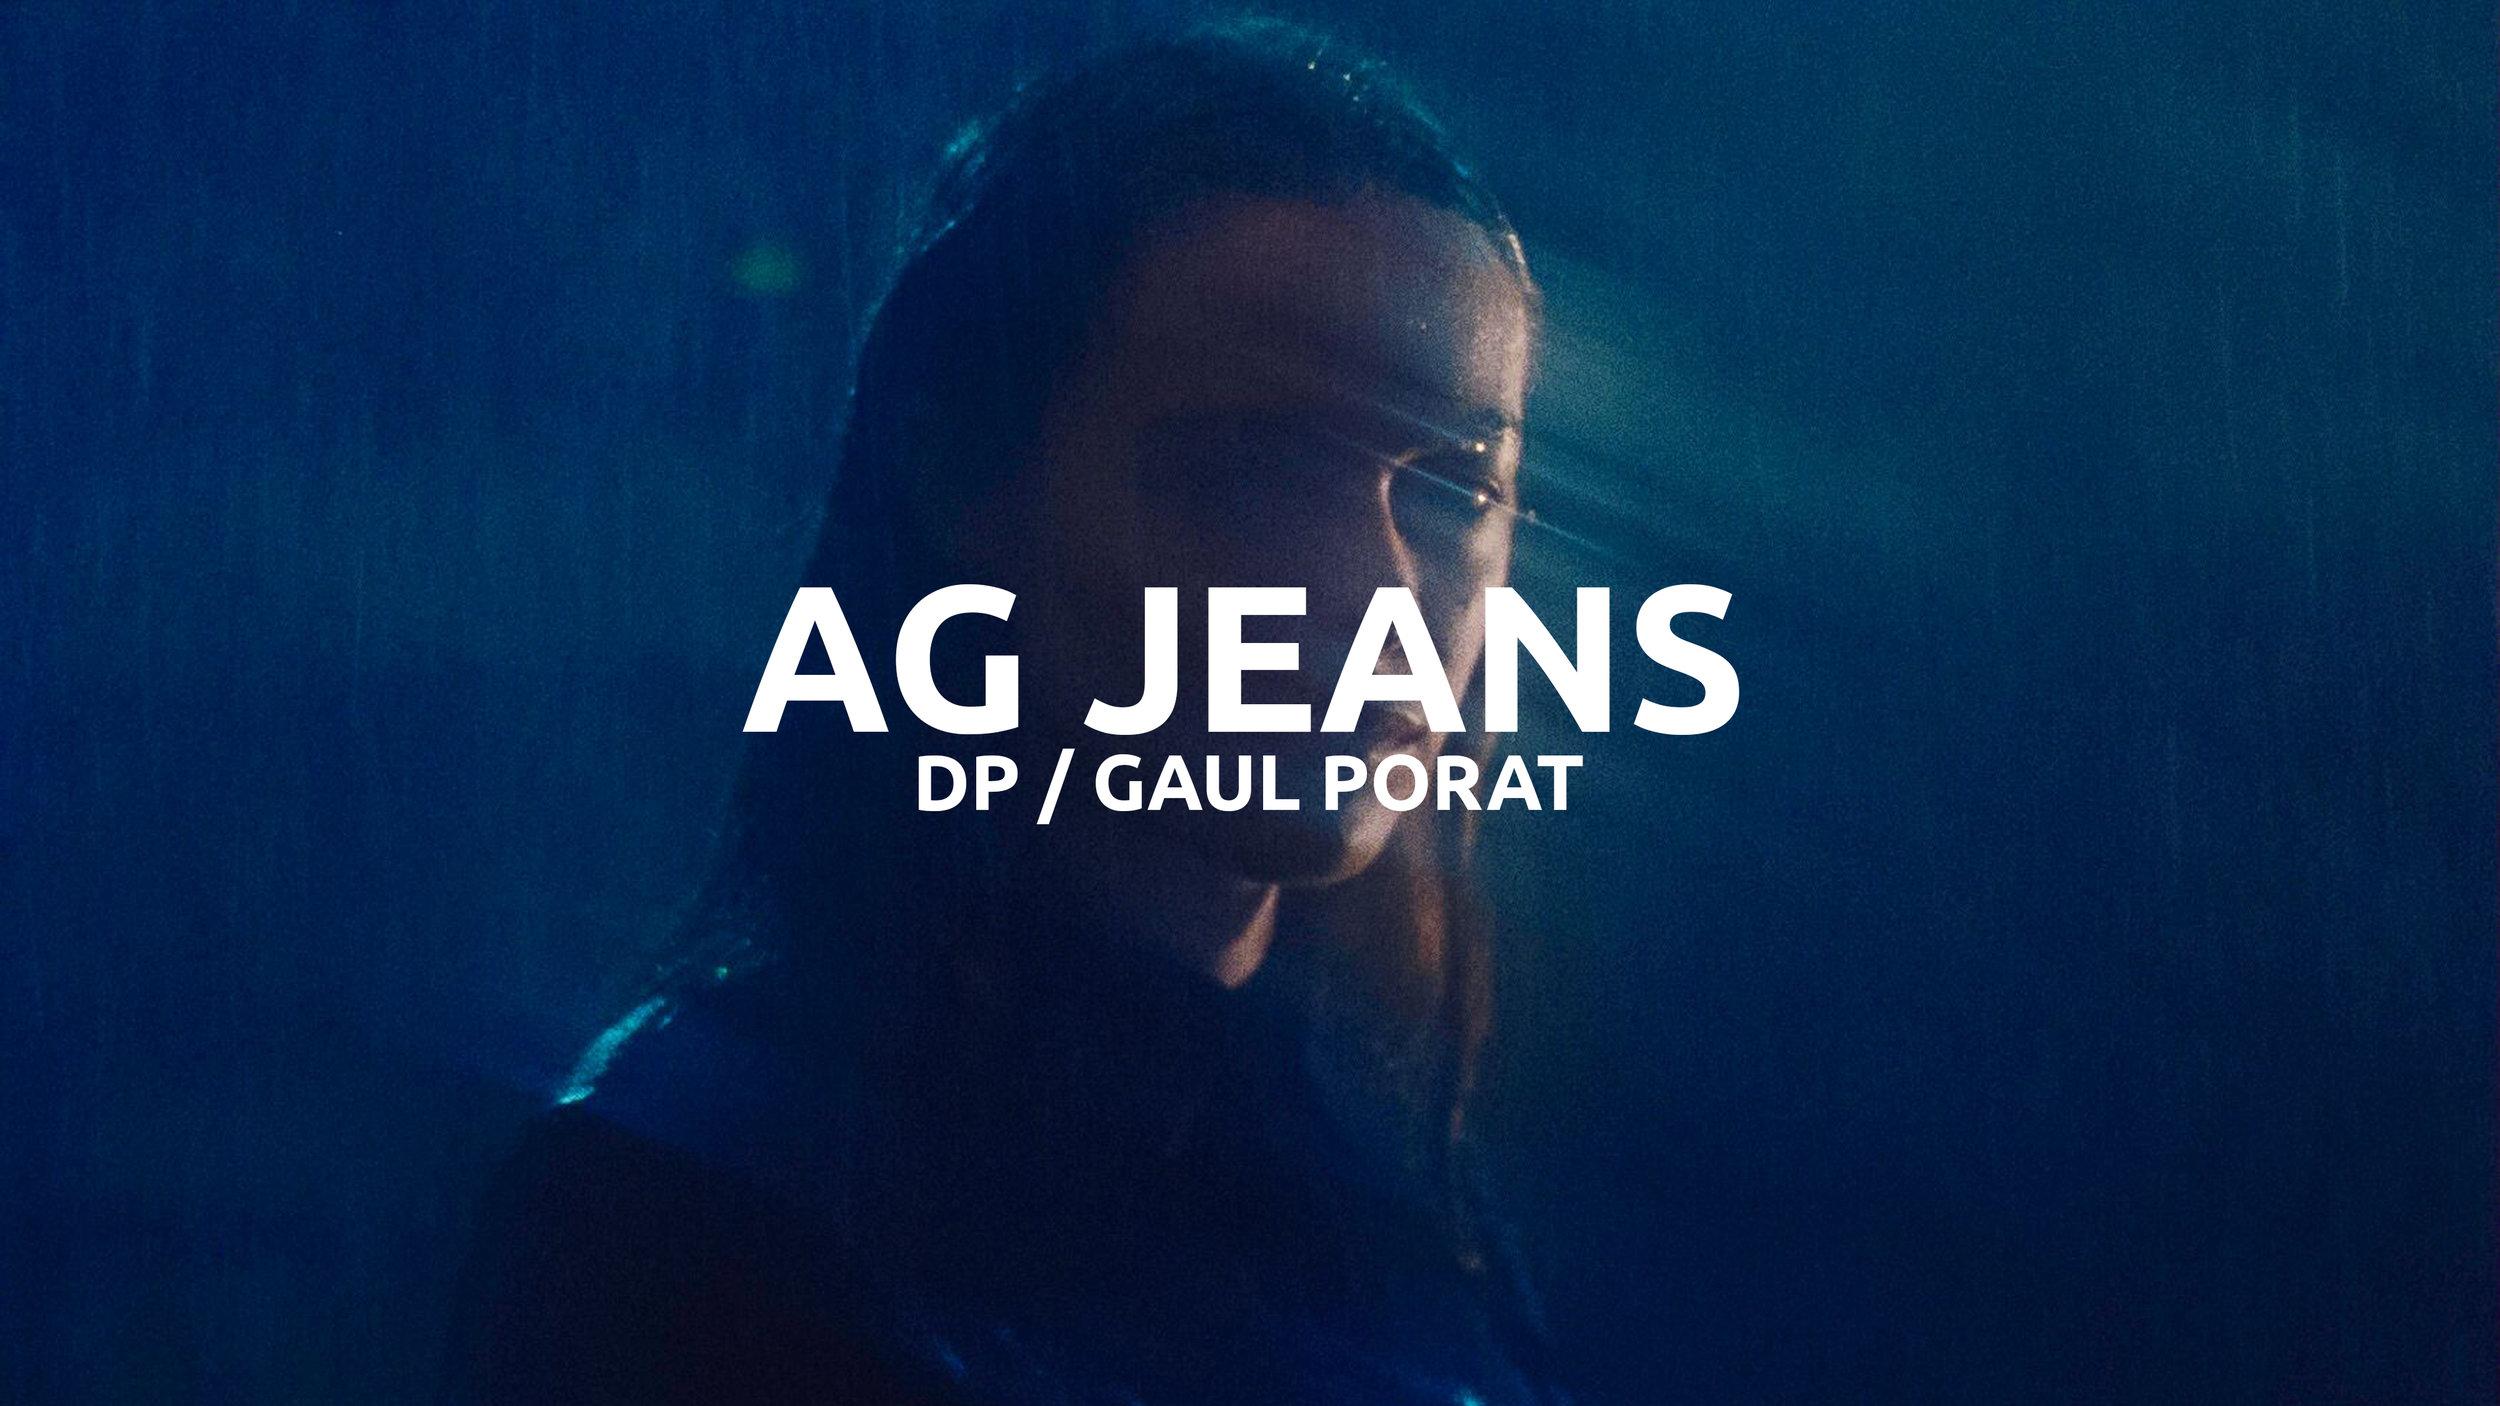 AG Jeans Poster.jpg